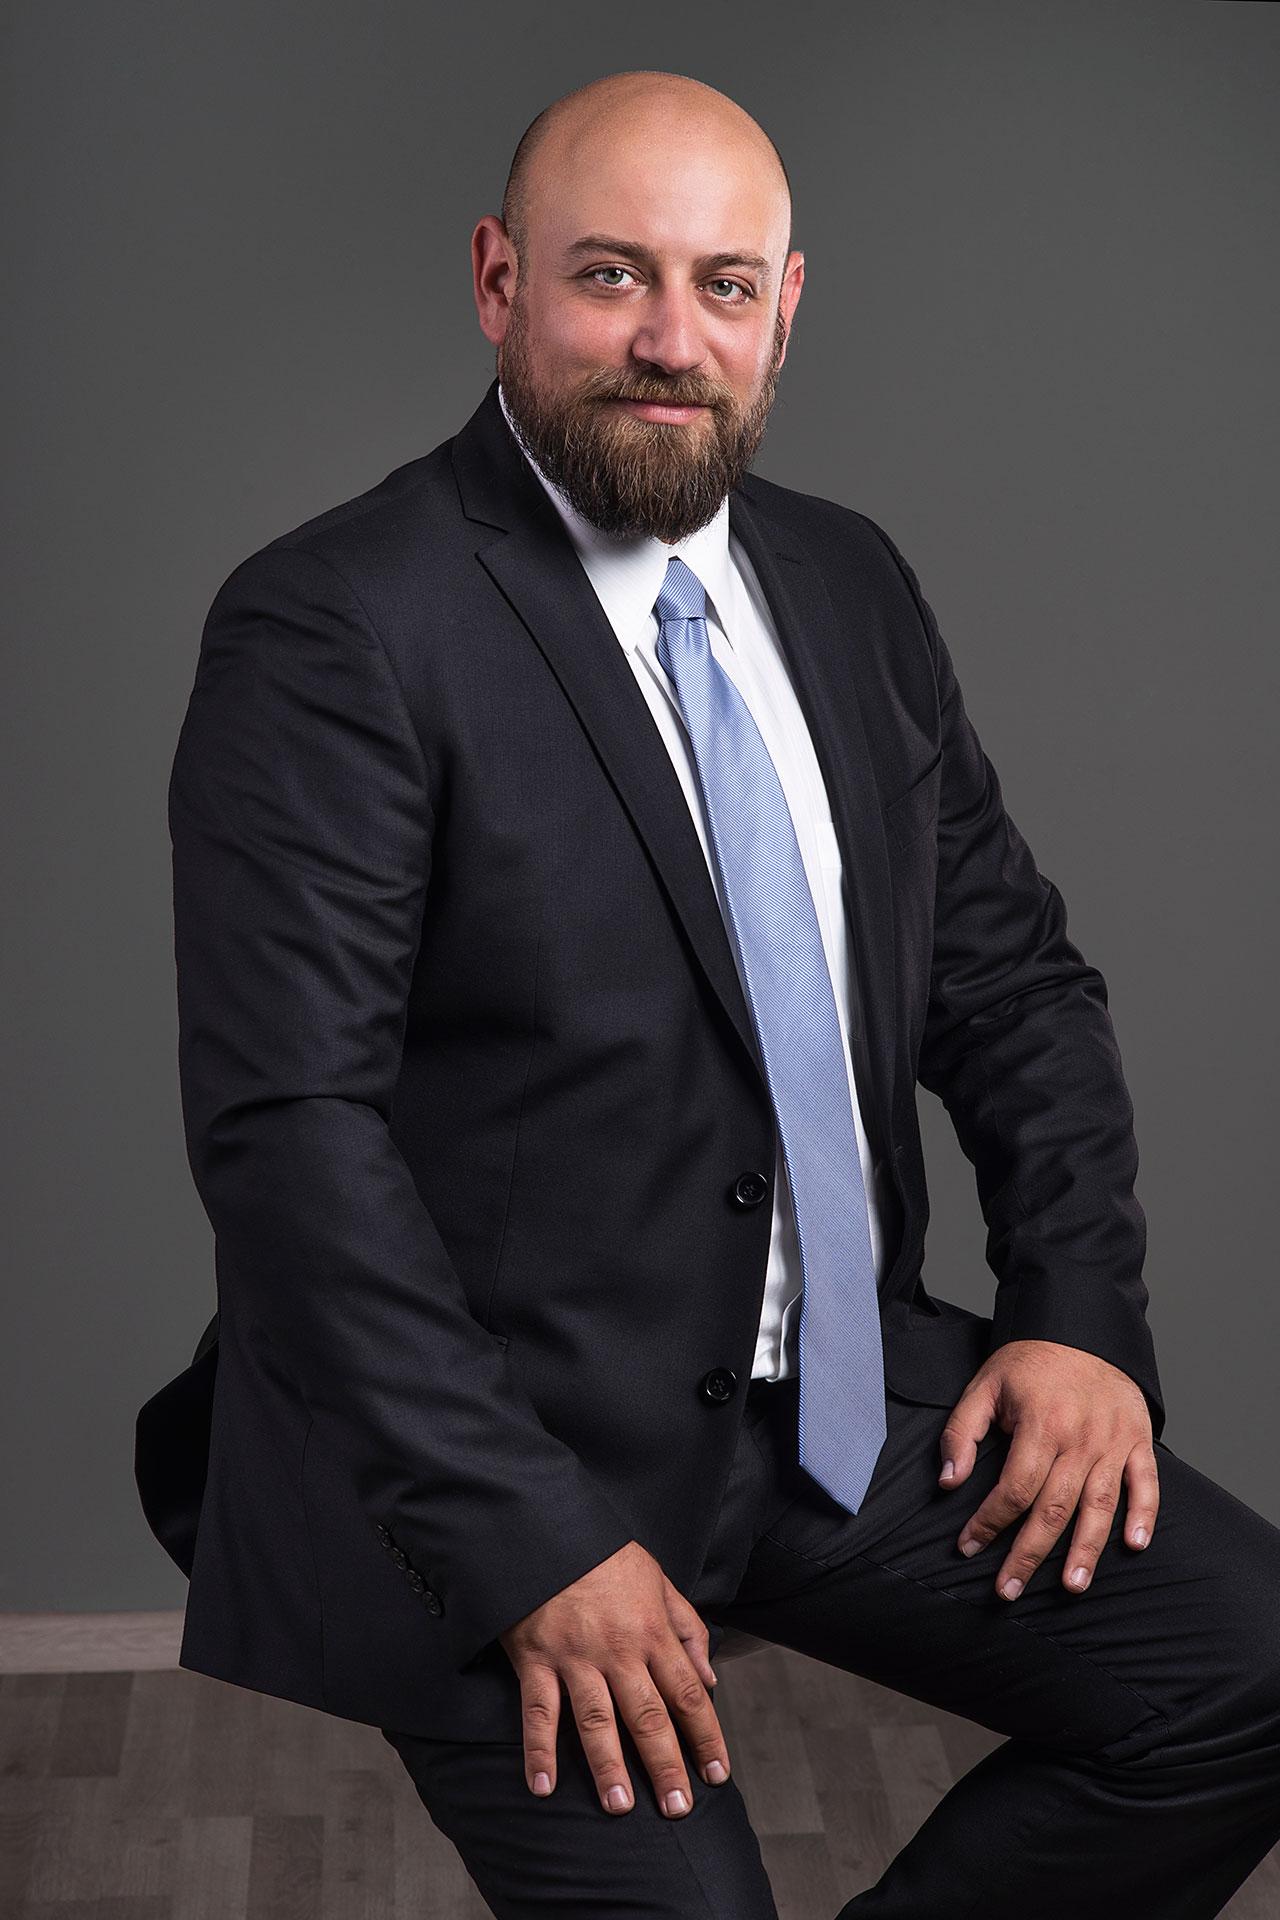 Vladimir Marinkov advokat u kancelariji Guberina-Marinkov iz Beograda